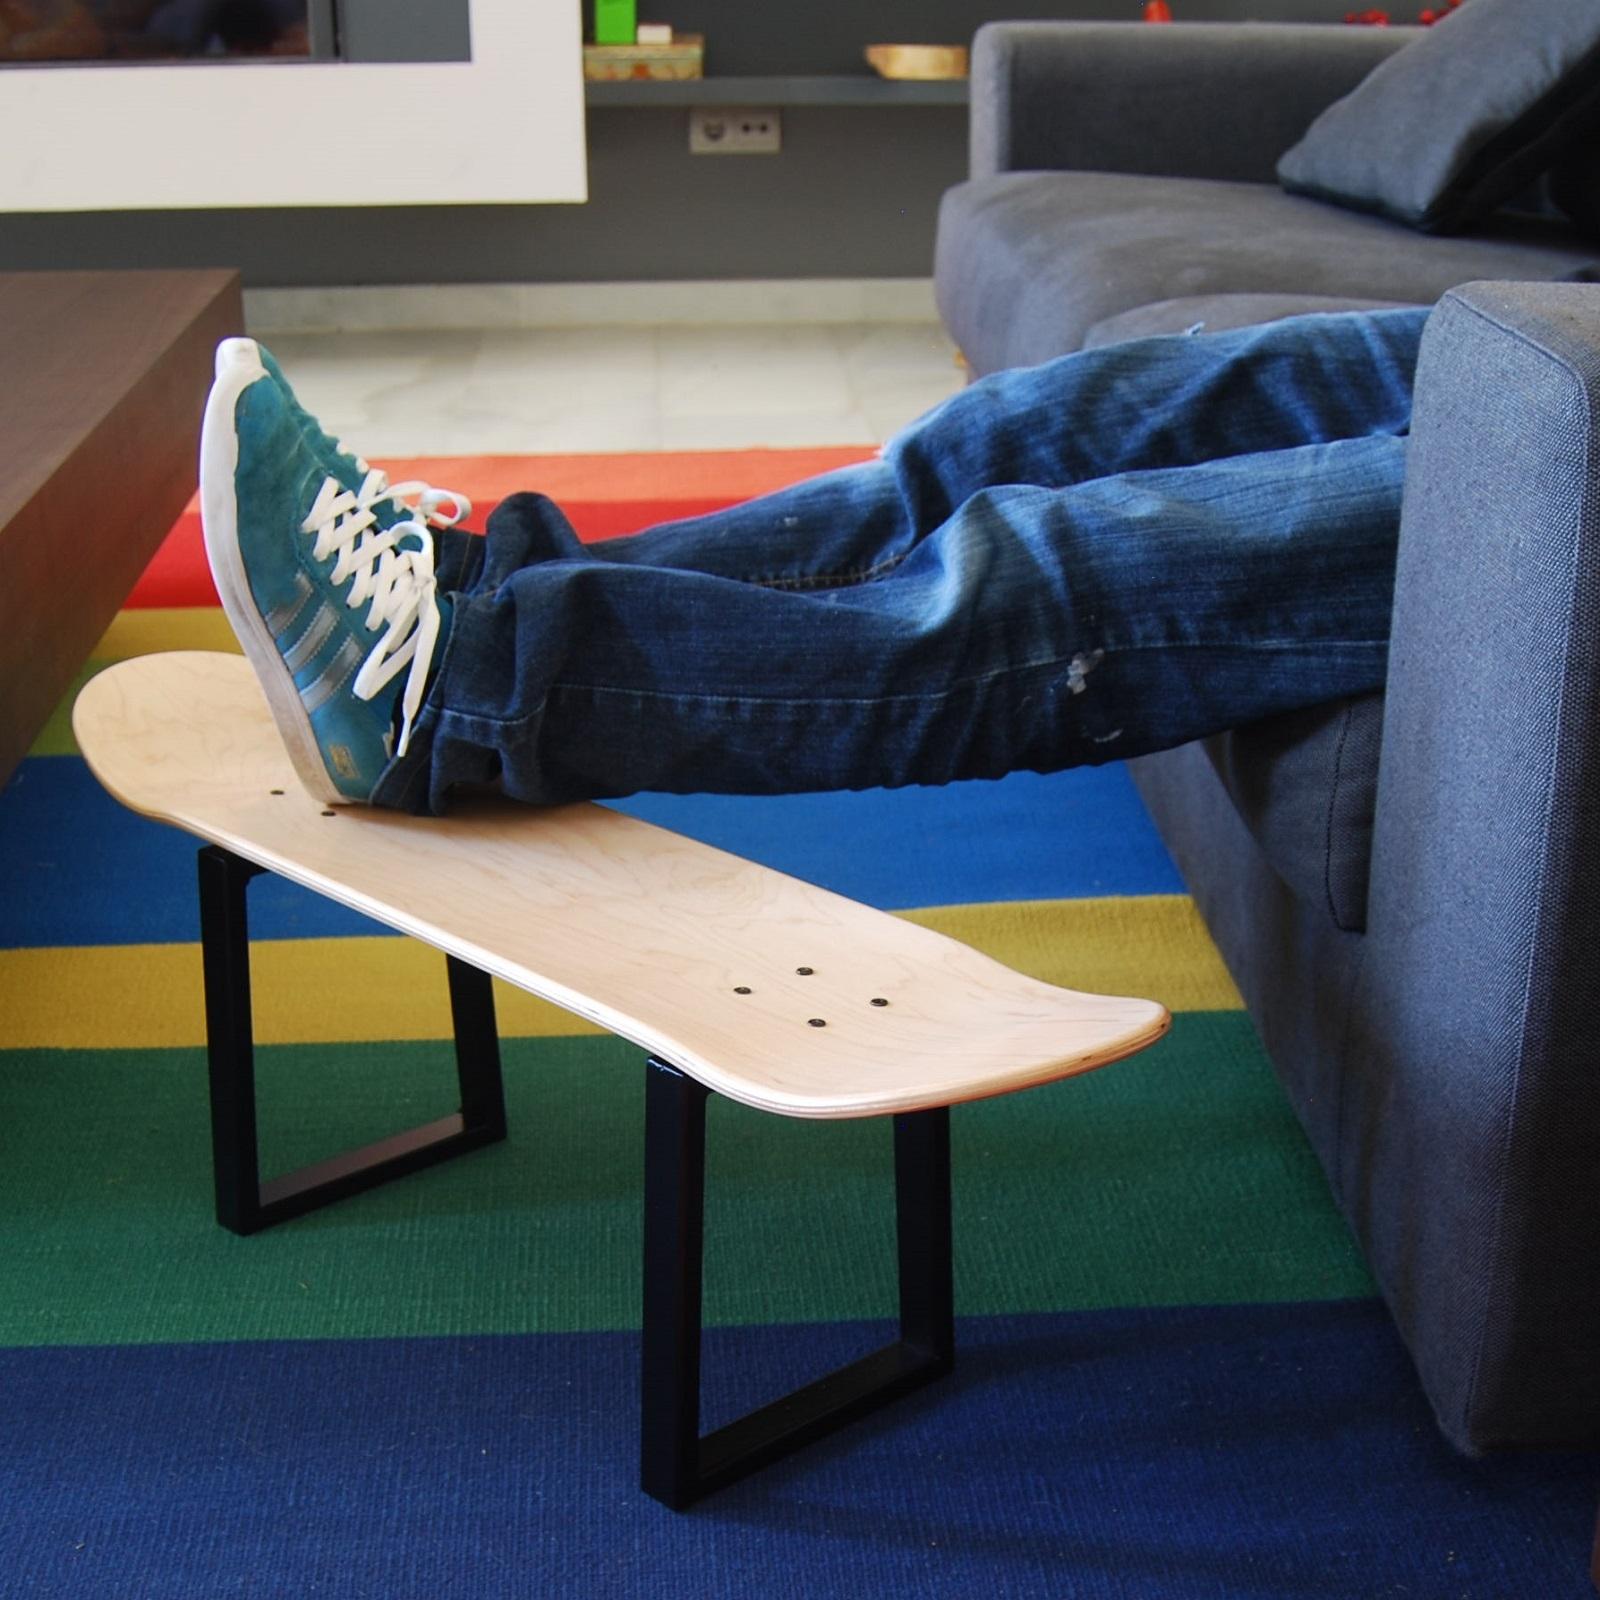 Skater Bedroom Skater Christmas Gift Skateboard Deck Stool Legs Coffee Table